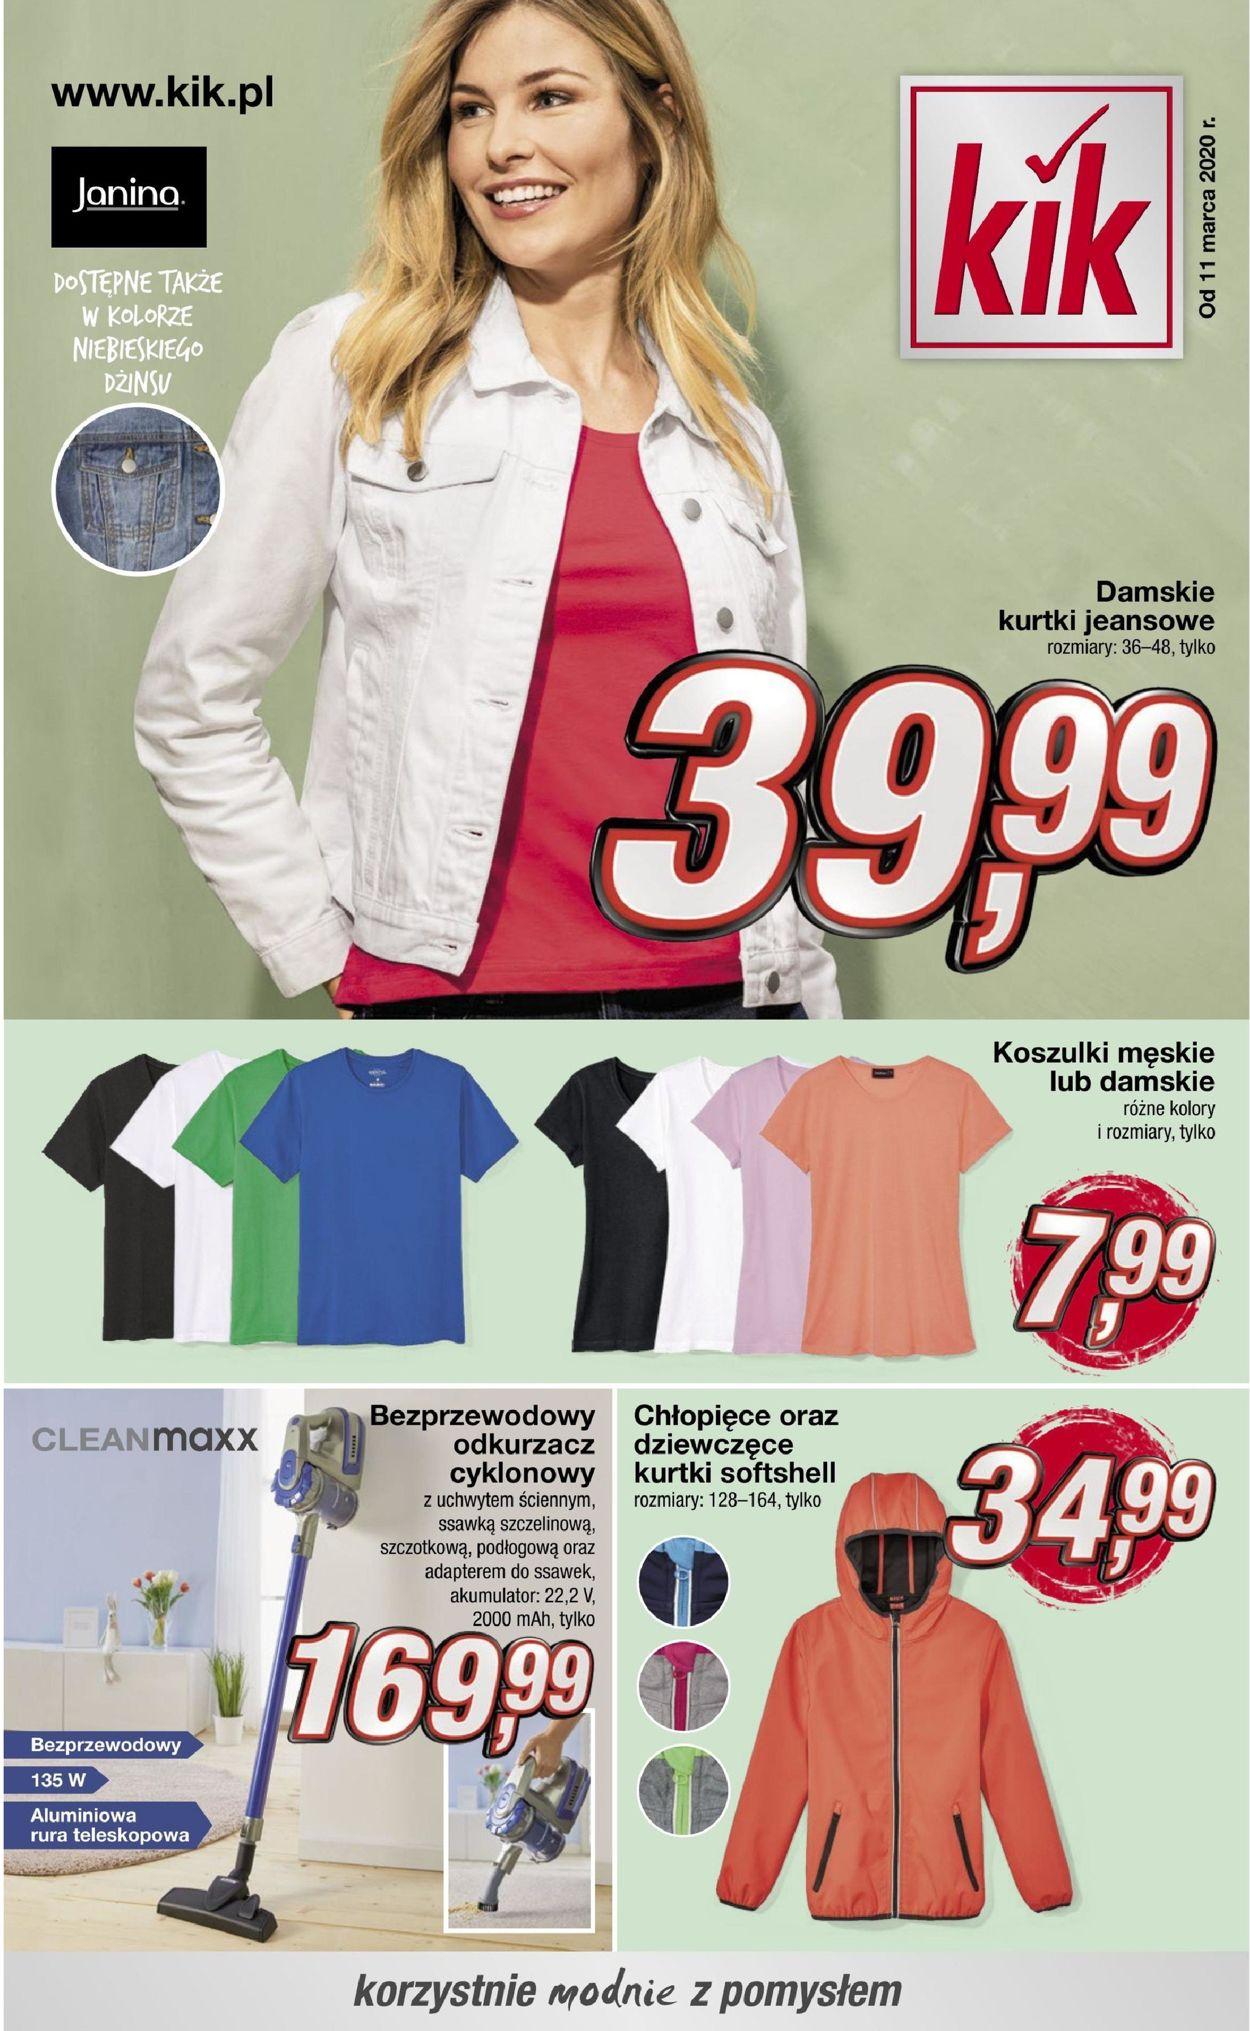 Gazetka promocyjna Kik - 11.03-02.06.2020